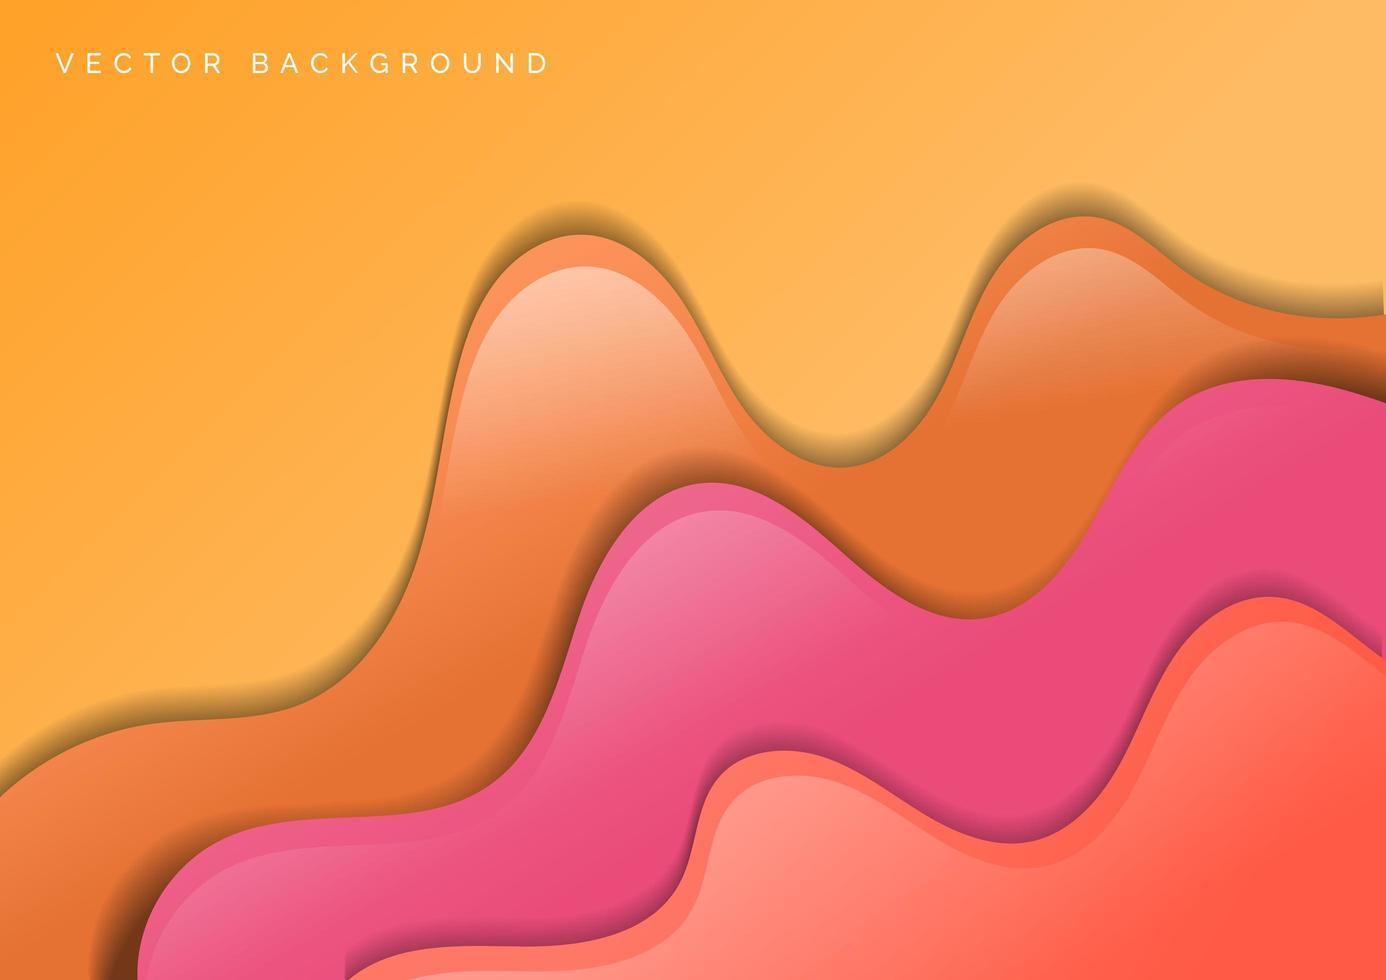 abstrakter orange und rosa Papierschnitt welliger Hintergrund vektor